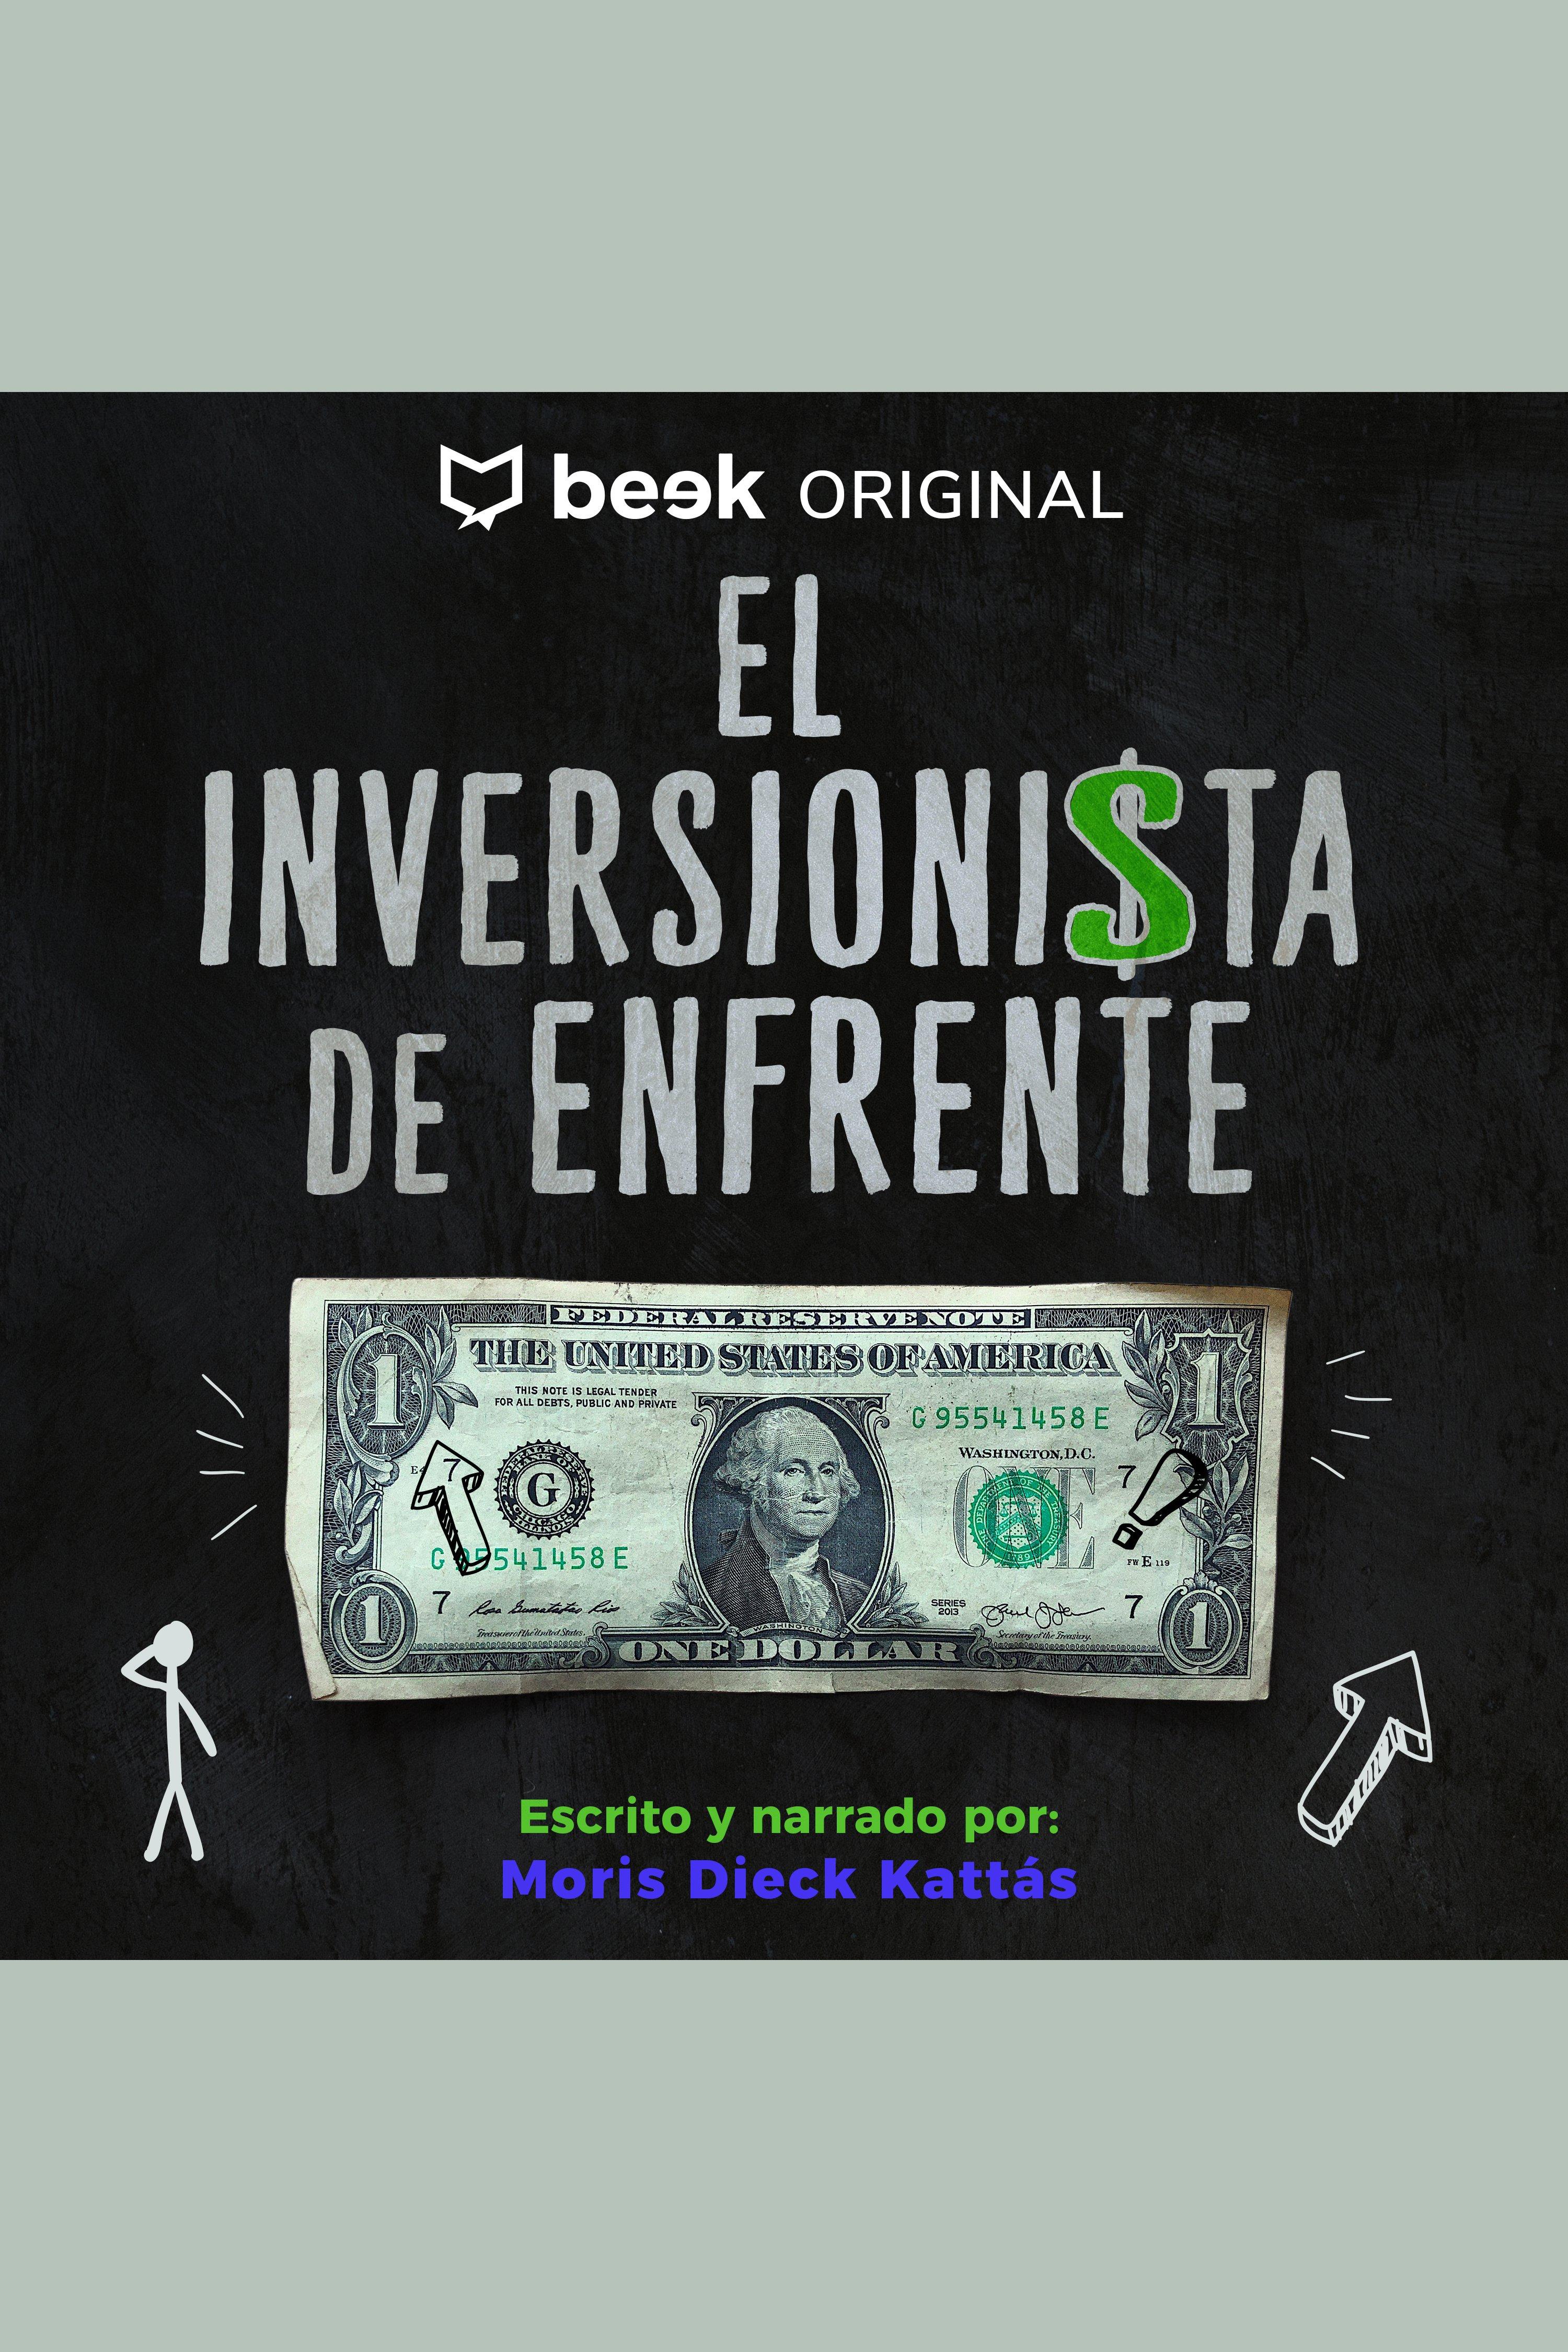 Esta es la portada del audiolibro El inversionista de enfrente